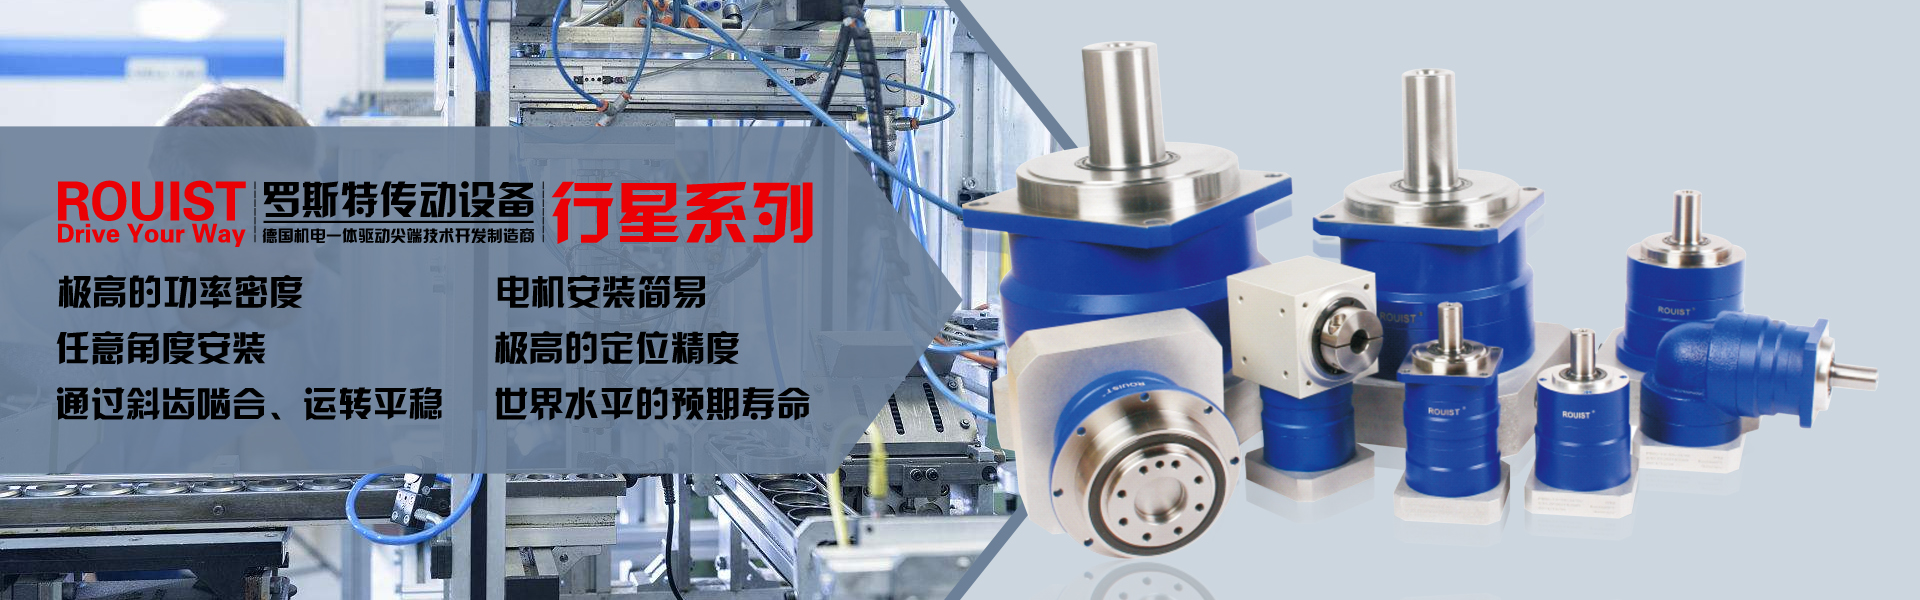 彩83聚焦于中国工业自动化领域,主要研发经营精密行星减速器和谐波减速器。